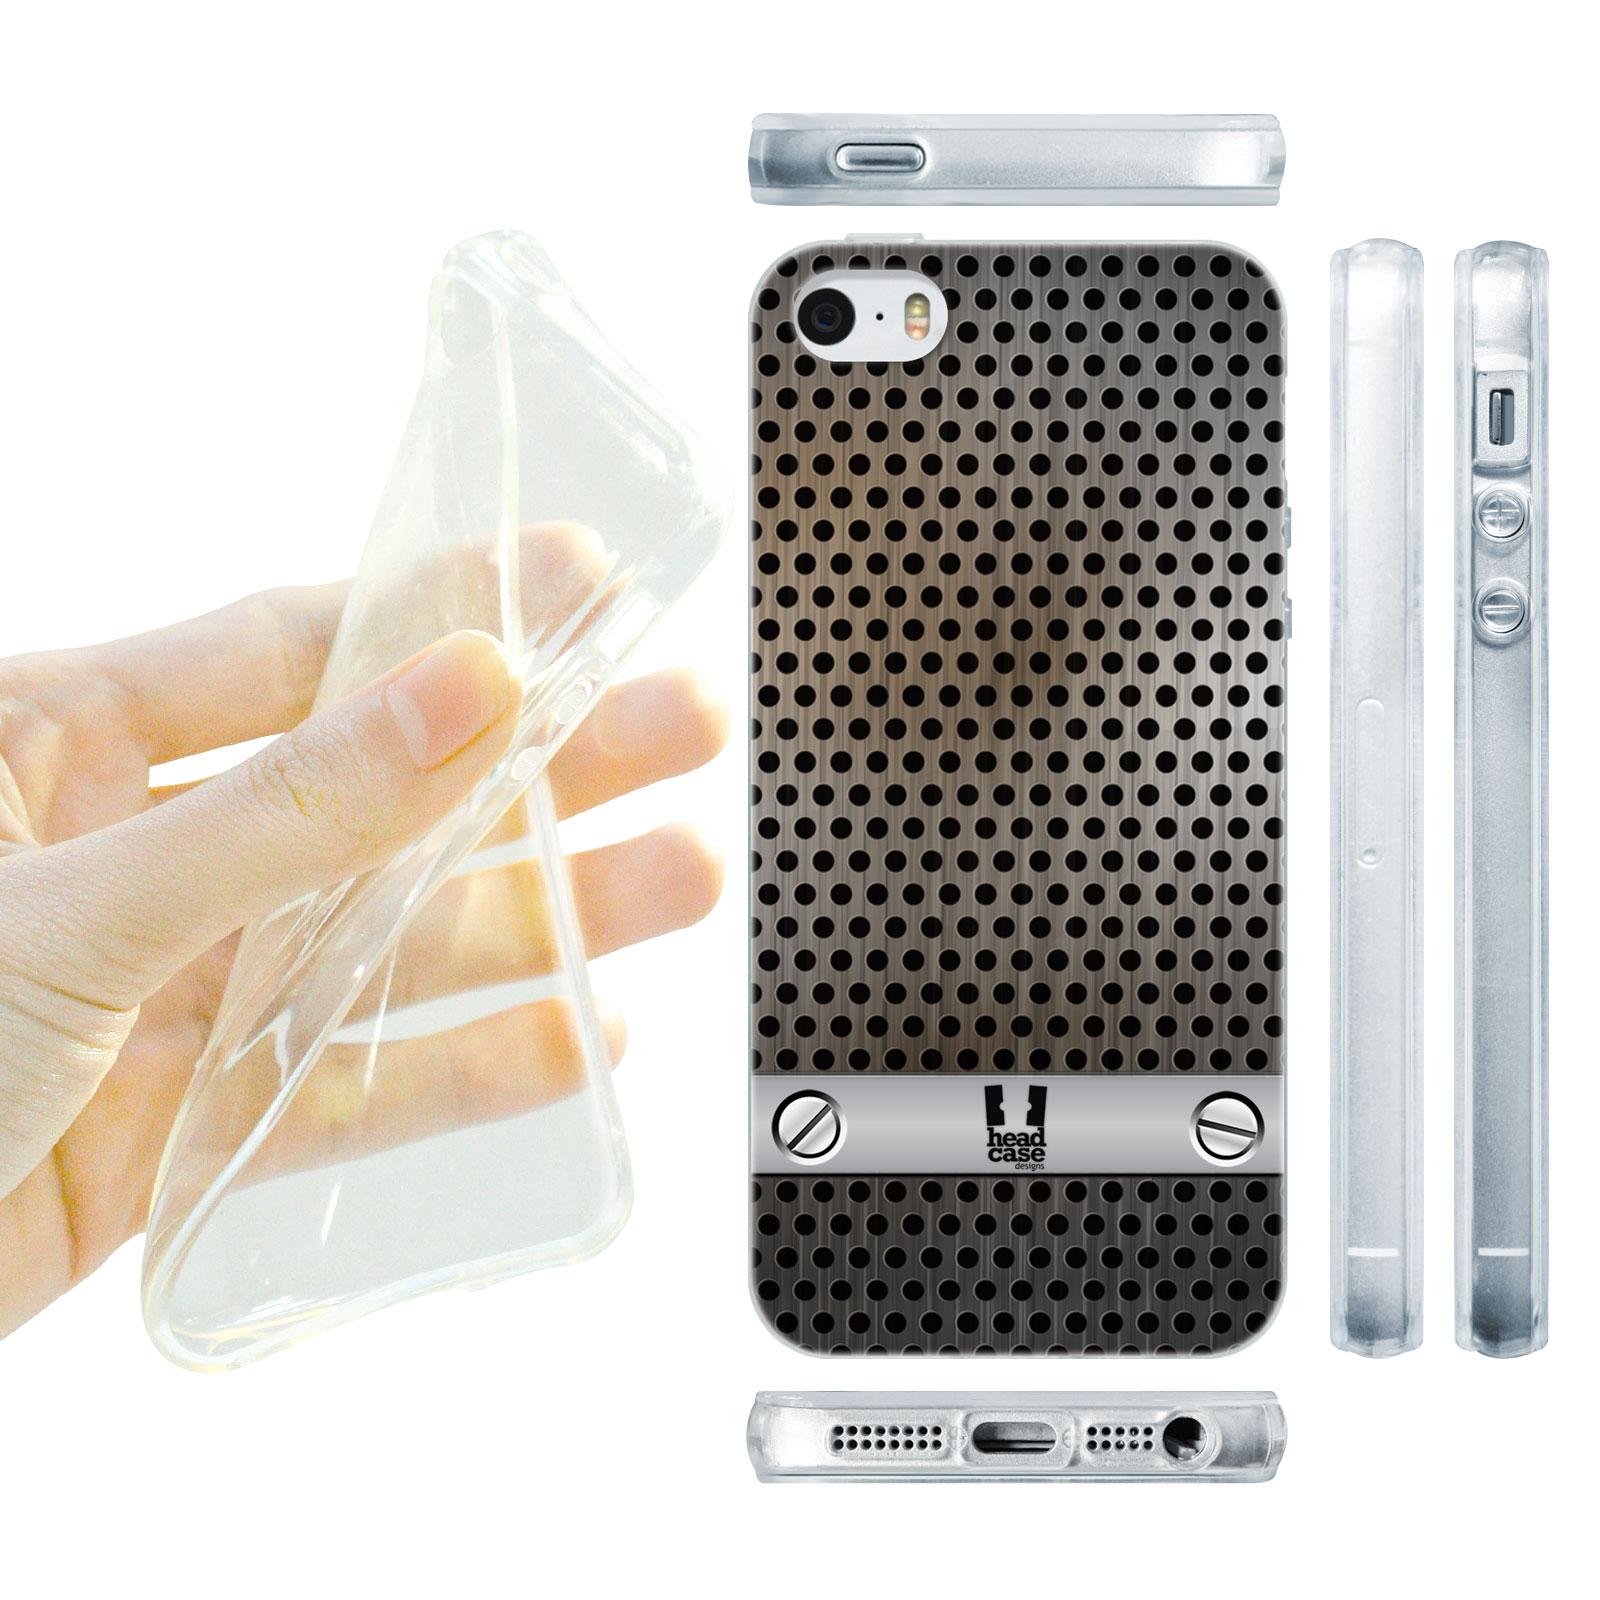 HEAD CASE silikonový obal na mobil Iphone 5/5S imitace železo šedá barva vzorek